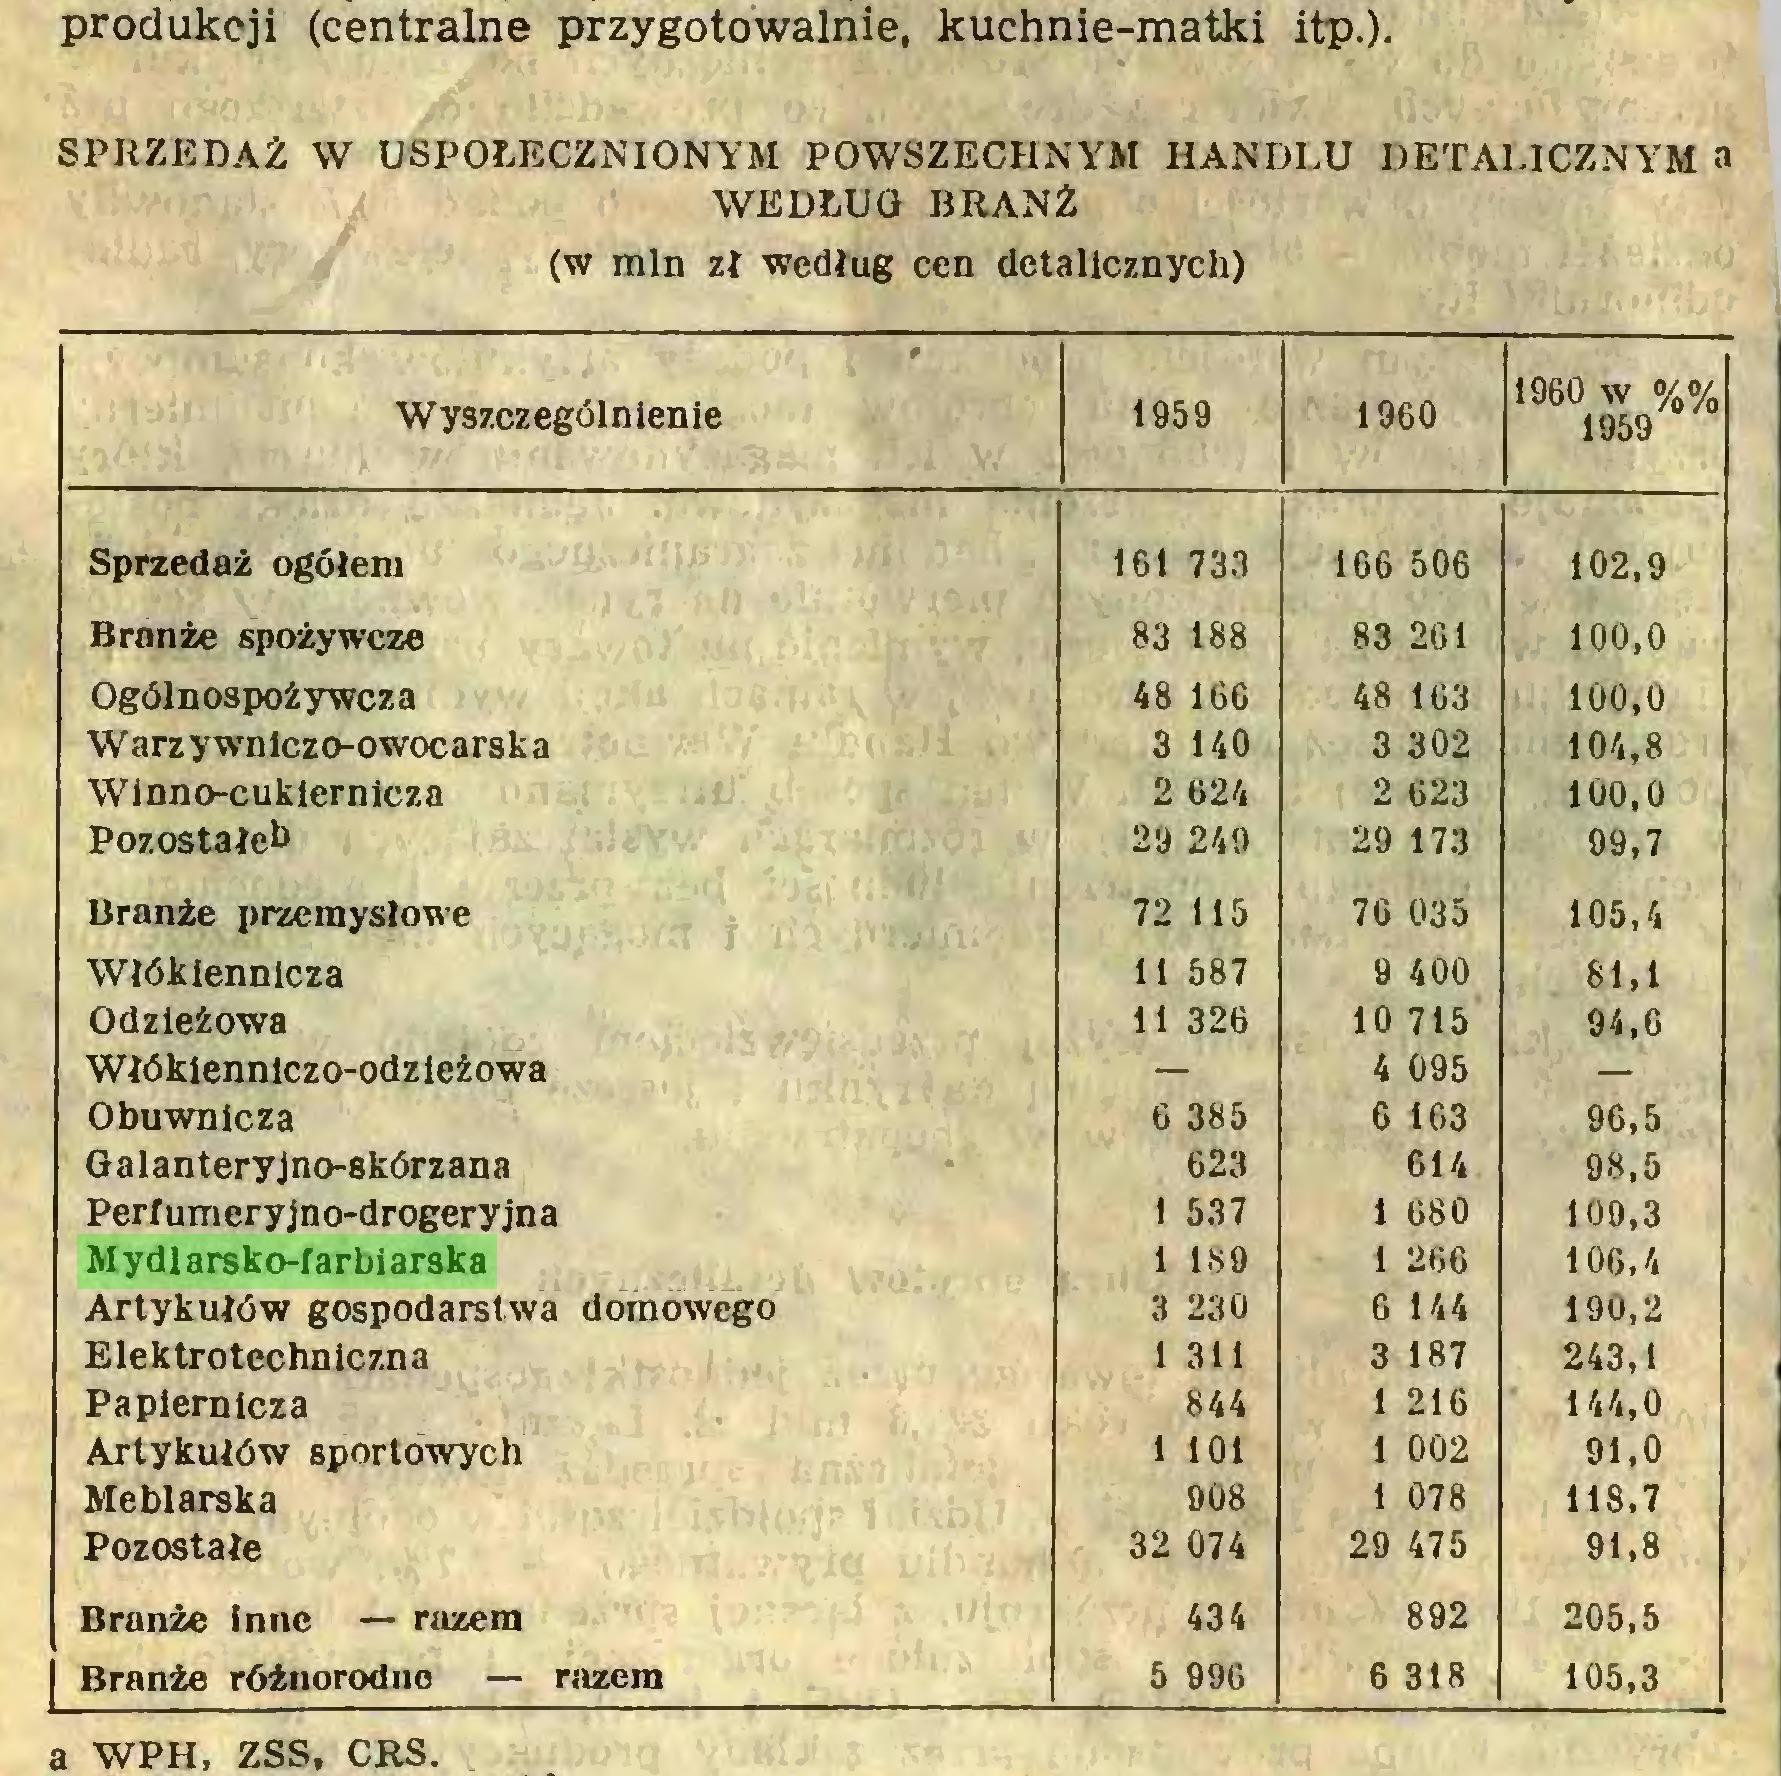 (...) produkcji (centralne przygotowalnie, kuchnie-matki itp.). SPRZEDAŻ W USPOŁECZNIONYM POWSZECHNYM HANDLU DETALICZNYM a WEDŁUG BRANŻ (w min zł według cen detalicznych) Wyszczególnienie 1959 1960 1960 w %% 1959 Sprzedaż ogółem 161 733 166 506 102,9 Branże spożywcze 83 188 83 261 100,0 Ogólnospożywcza 48 166 48 163 100,0 W arz ywniczo-owocars k a 3 140 3 302 104,8 Winno-cukiernlcza 2 624 2 623 100,0 Pozostałeb 29 249 29 173 99,7 Branże przemysłowe 72 115 76 035 105,4 Włókiennicza 11 587 9 400 81,1 Odzieżowa 11 326 10 715 94,0 Włókiennlczo-odzieżowa — 4 095 — Obuwnicza 6 385 0 163 96,5 Galanteryjno-skórzana 623 614 98,5 Periumeryjno-drogeryjna 1 537 1 680 109,3 Mydlarsko-farbiarska 1 189 1 266 106,4 Artykułów gospodarstwa domowego 3 230 6 144 190,2 Elektrotechniczna 1 311 3 187 243,1 Papiernicza 844 1 216 144,0 Artykułów sportowych 1 101 1 002 91,0 Meblarska 908 1 078 118,7 Pozostałe 32 074 29 475 91,8 Branże Inne — ruzem 434 892 205,5 | Branże różnorodne — razem 5 996 6 318 105,3 a WPH, ZSS, CRS...